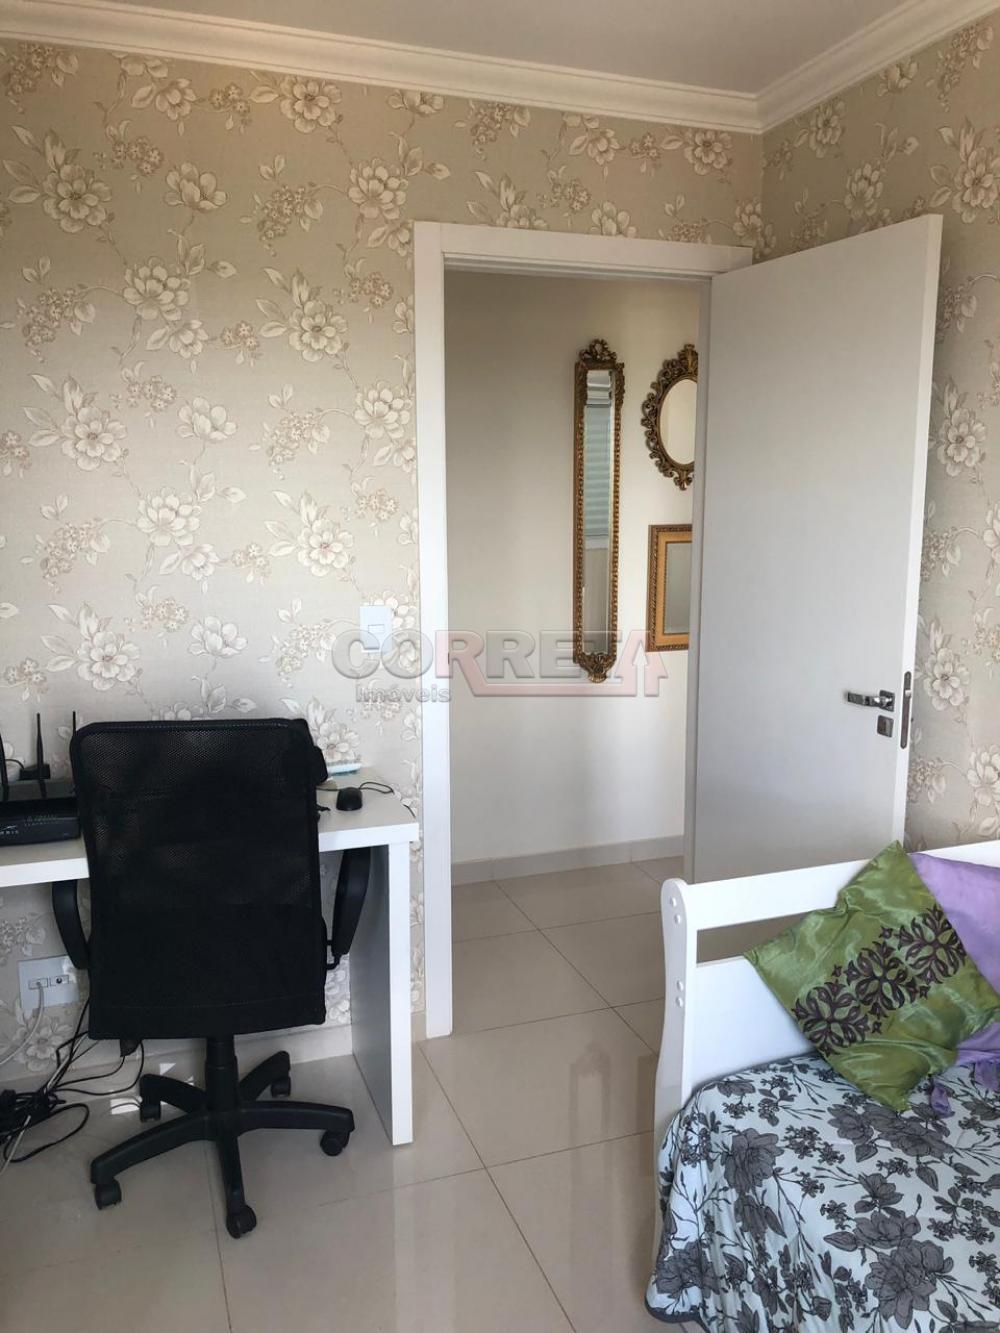 Comprar Apartamento / Padrão em Araçatuba R$ 570.000,00 - Foto 9